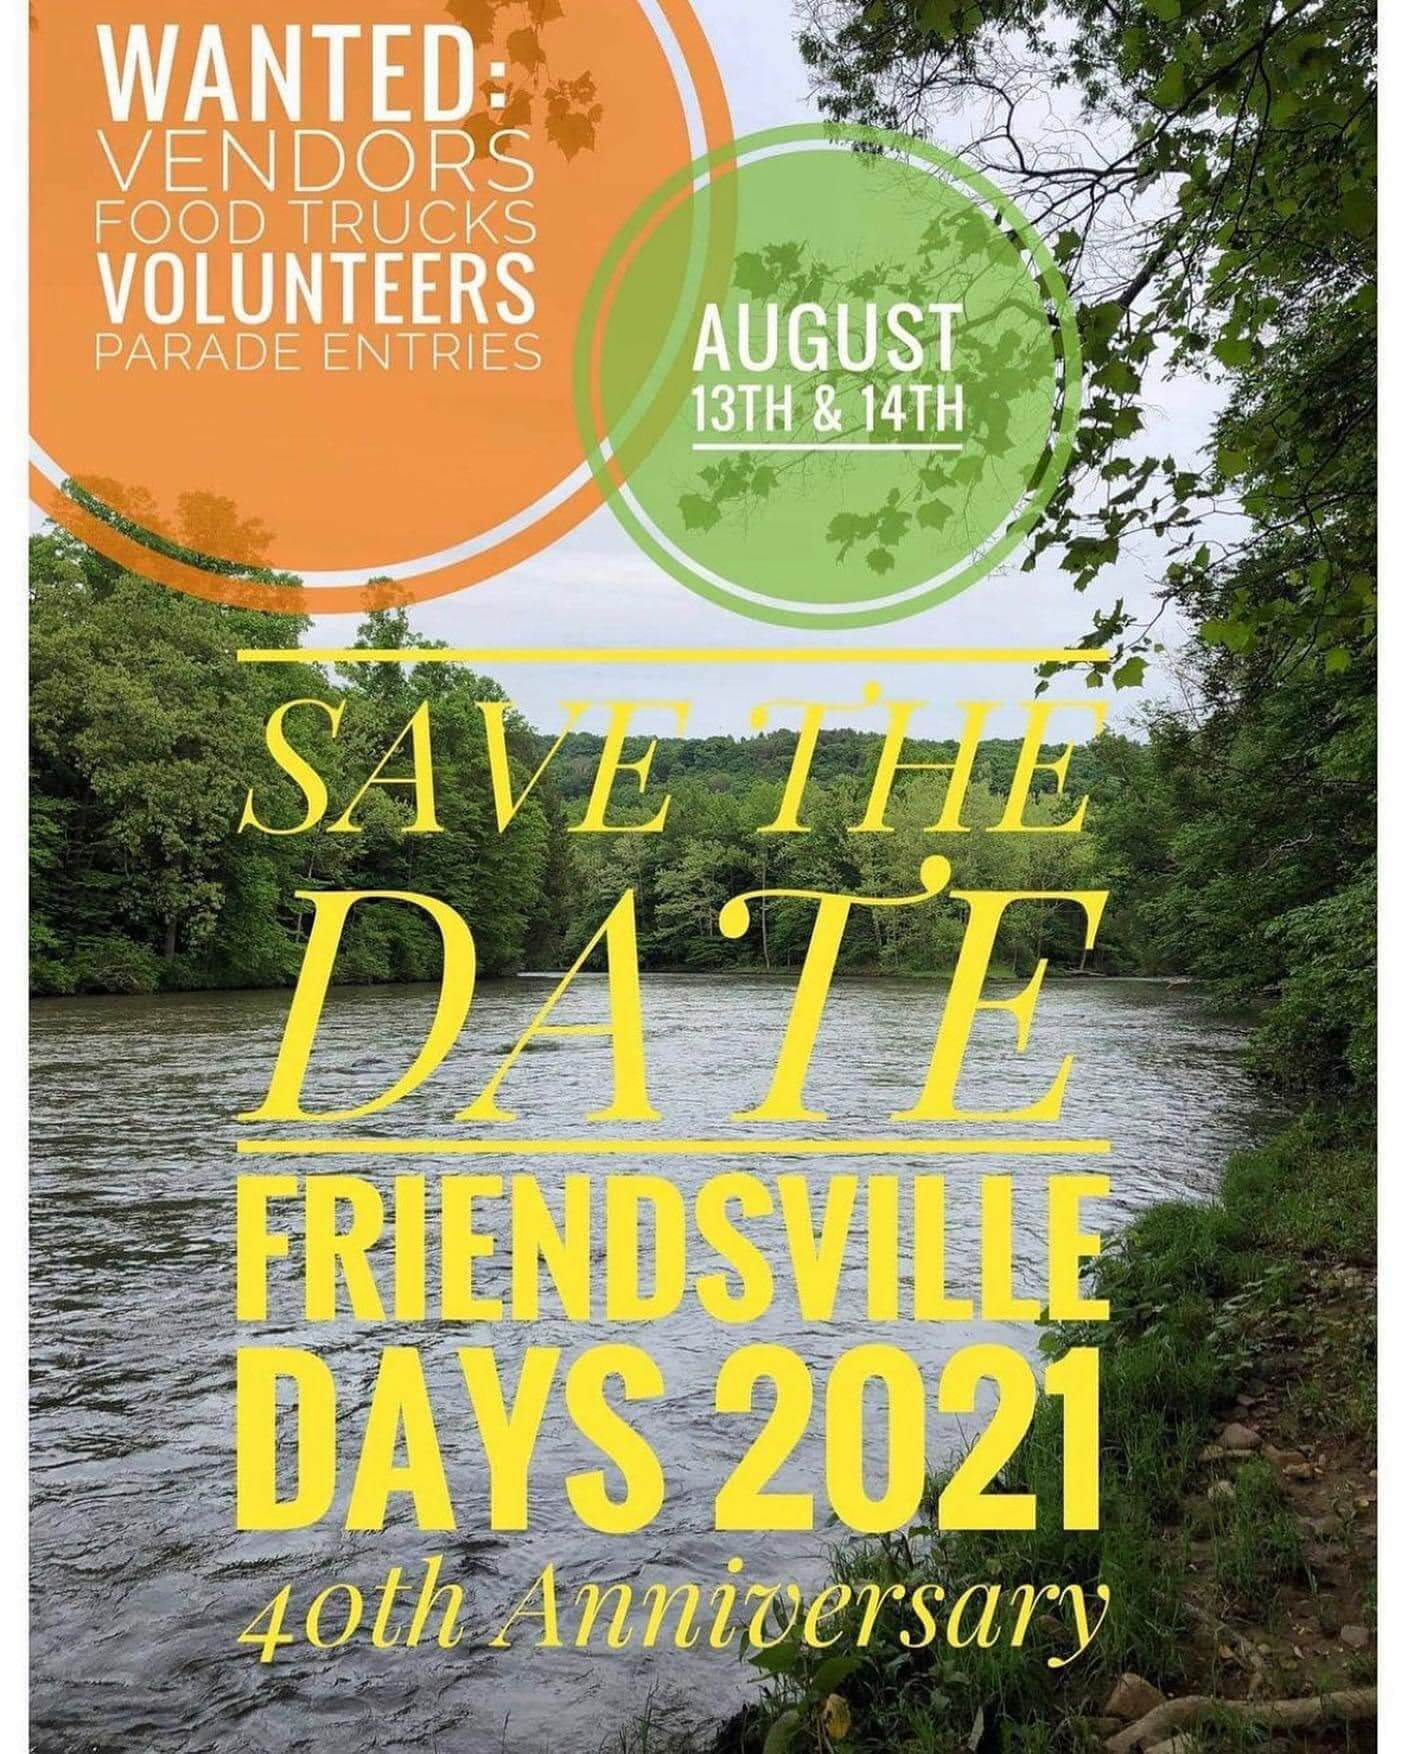 Friendsville Days 2021